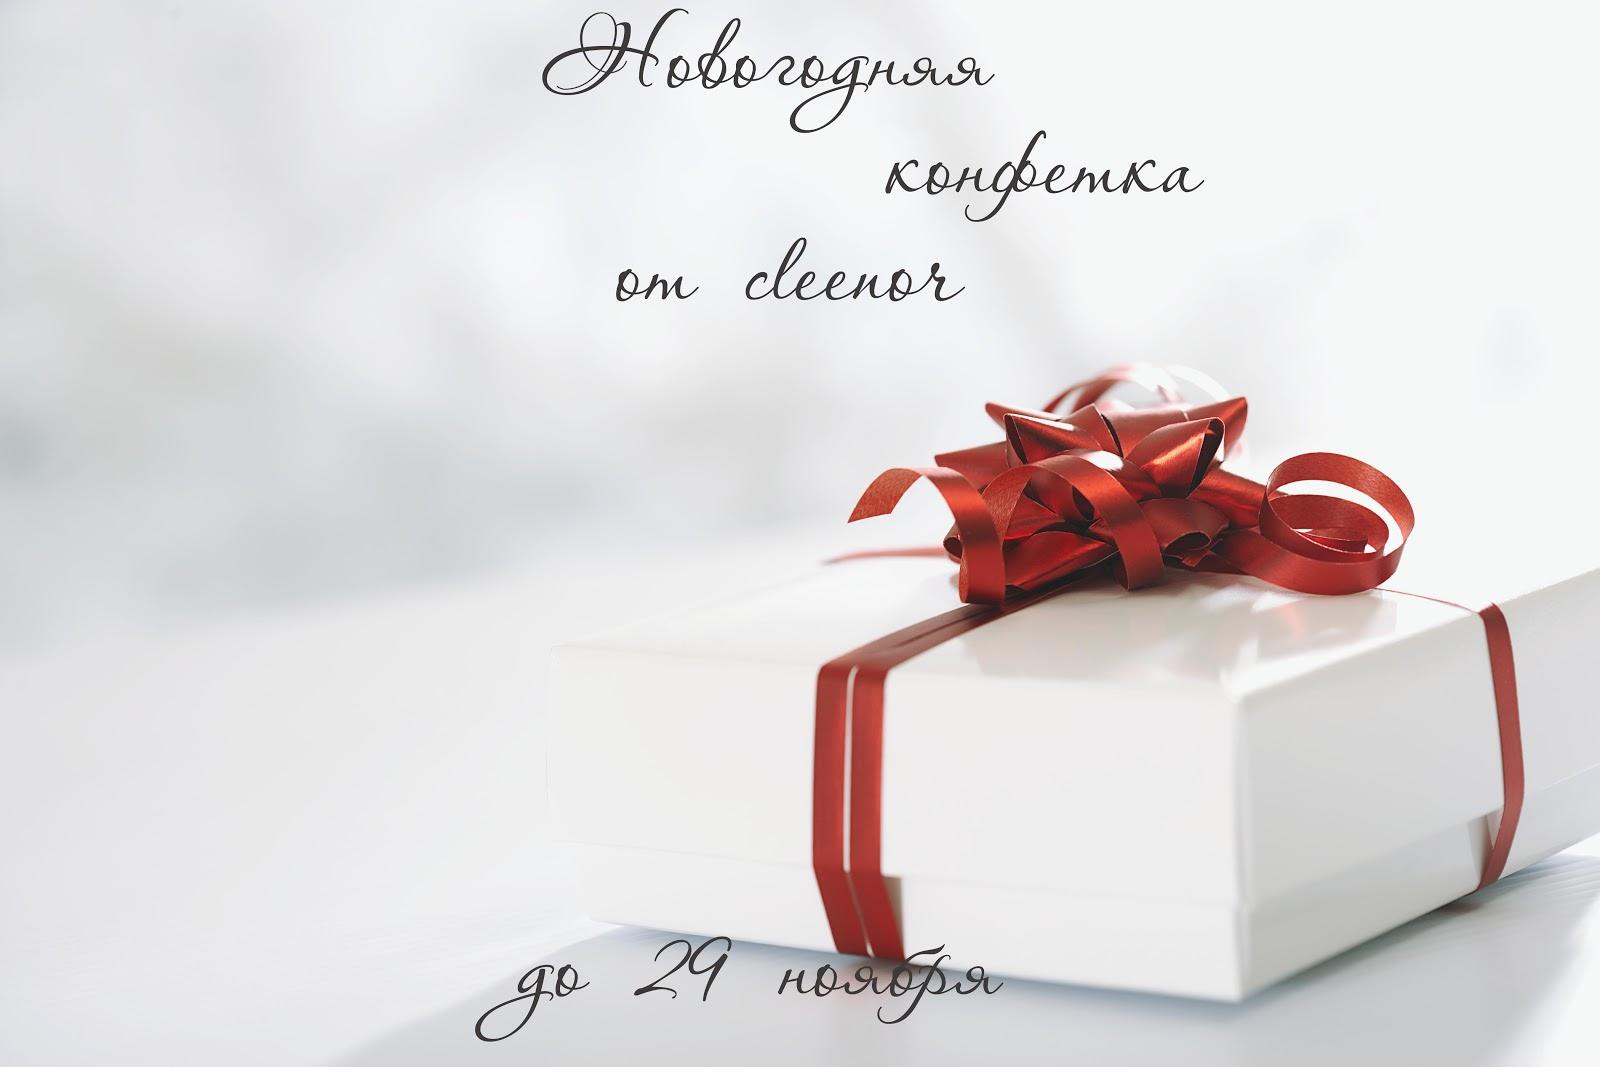 Выиграна!)Новогодняя конфетка от cleenor